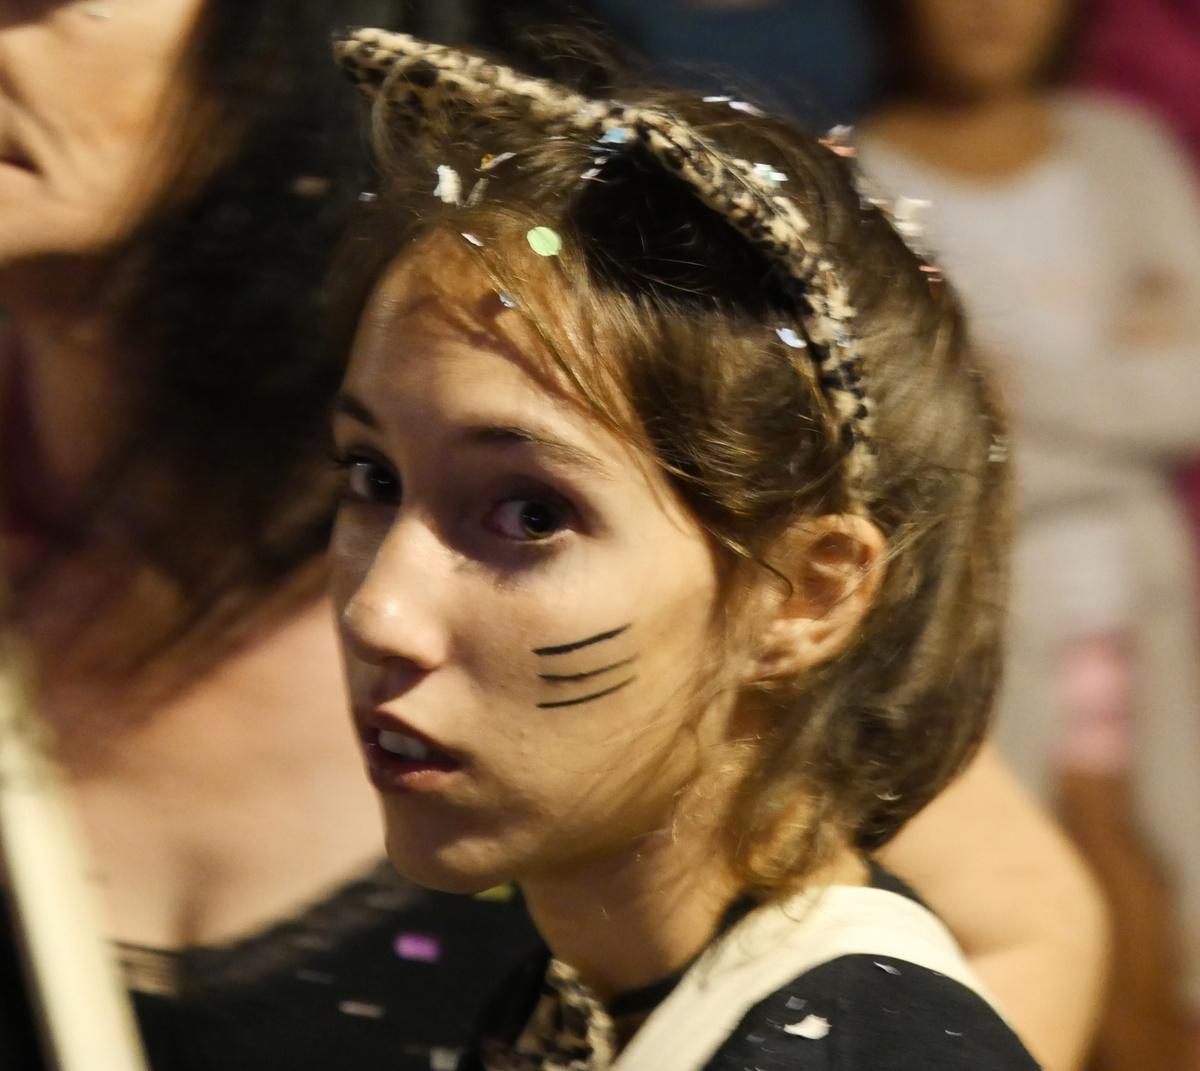 Carnaval Nocturne